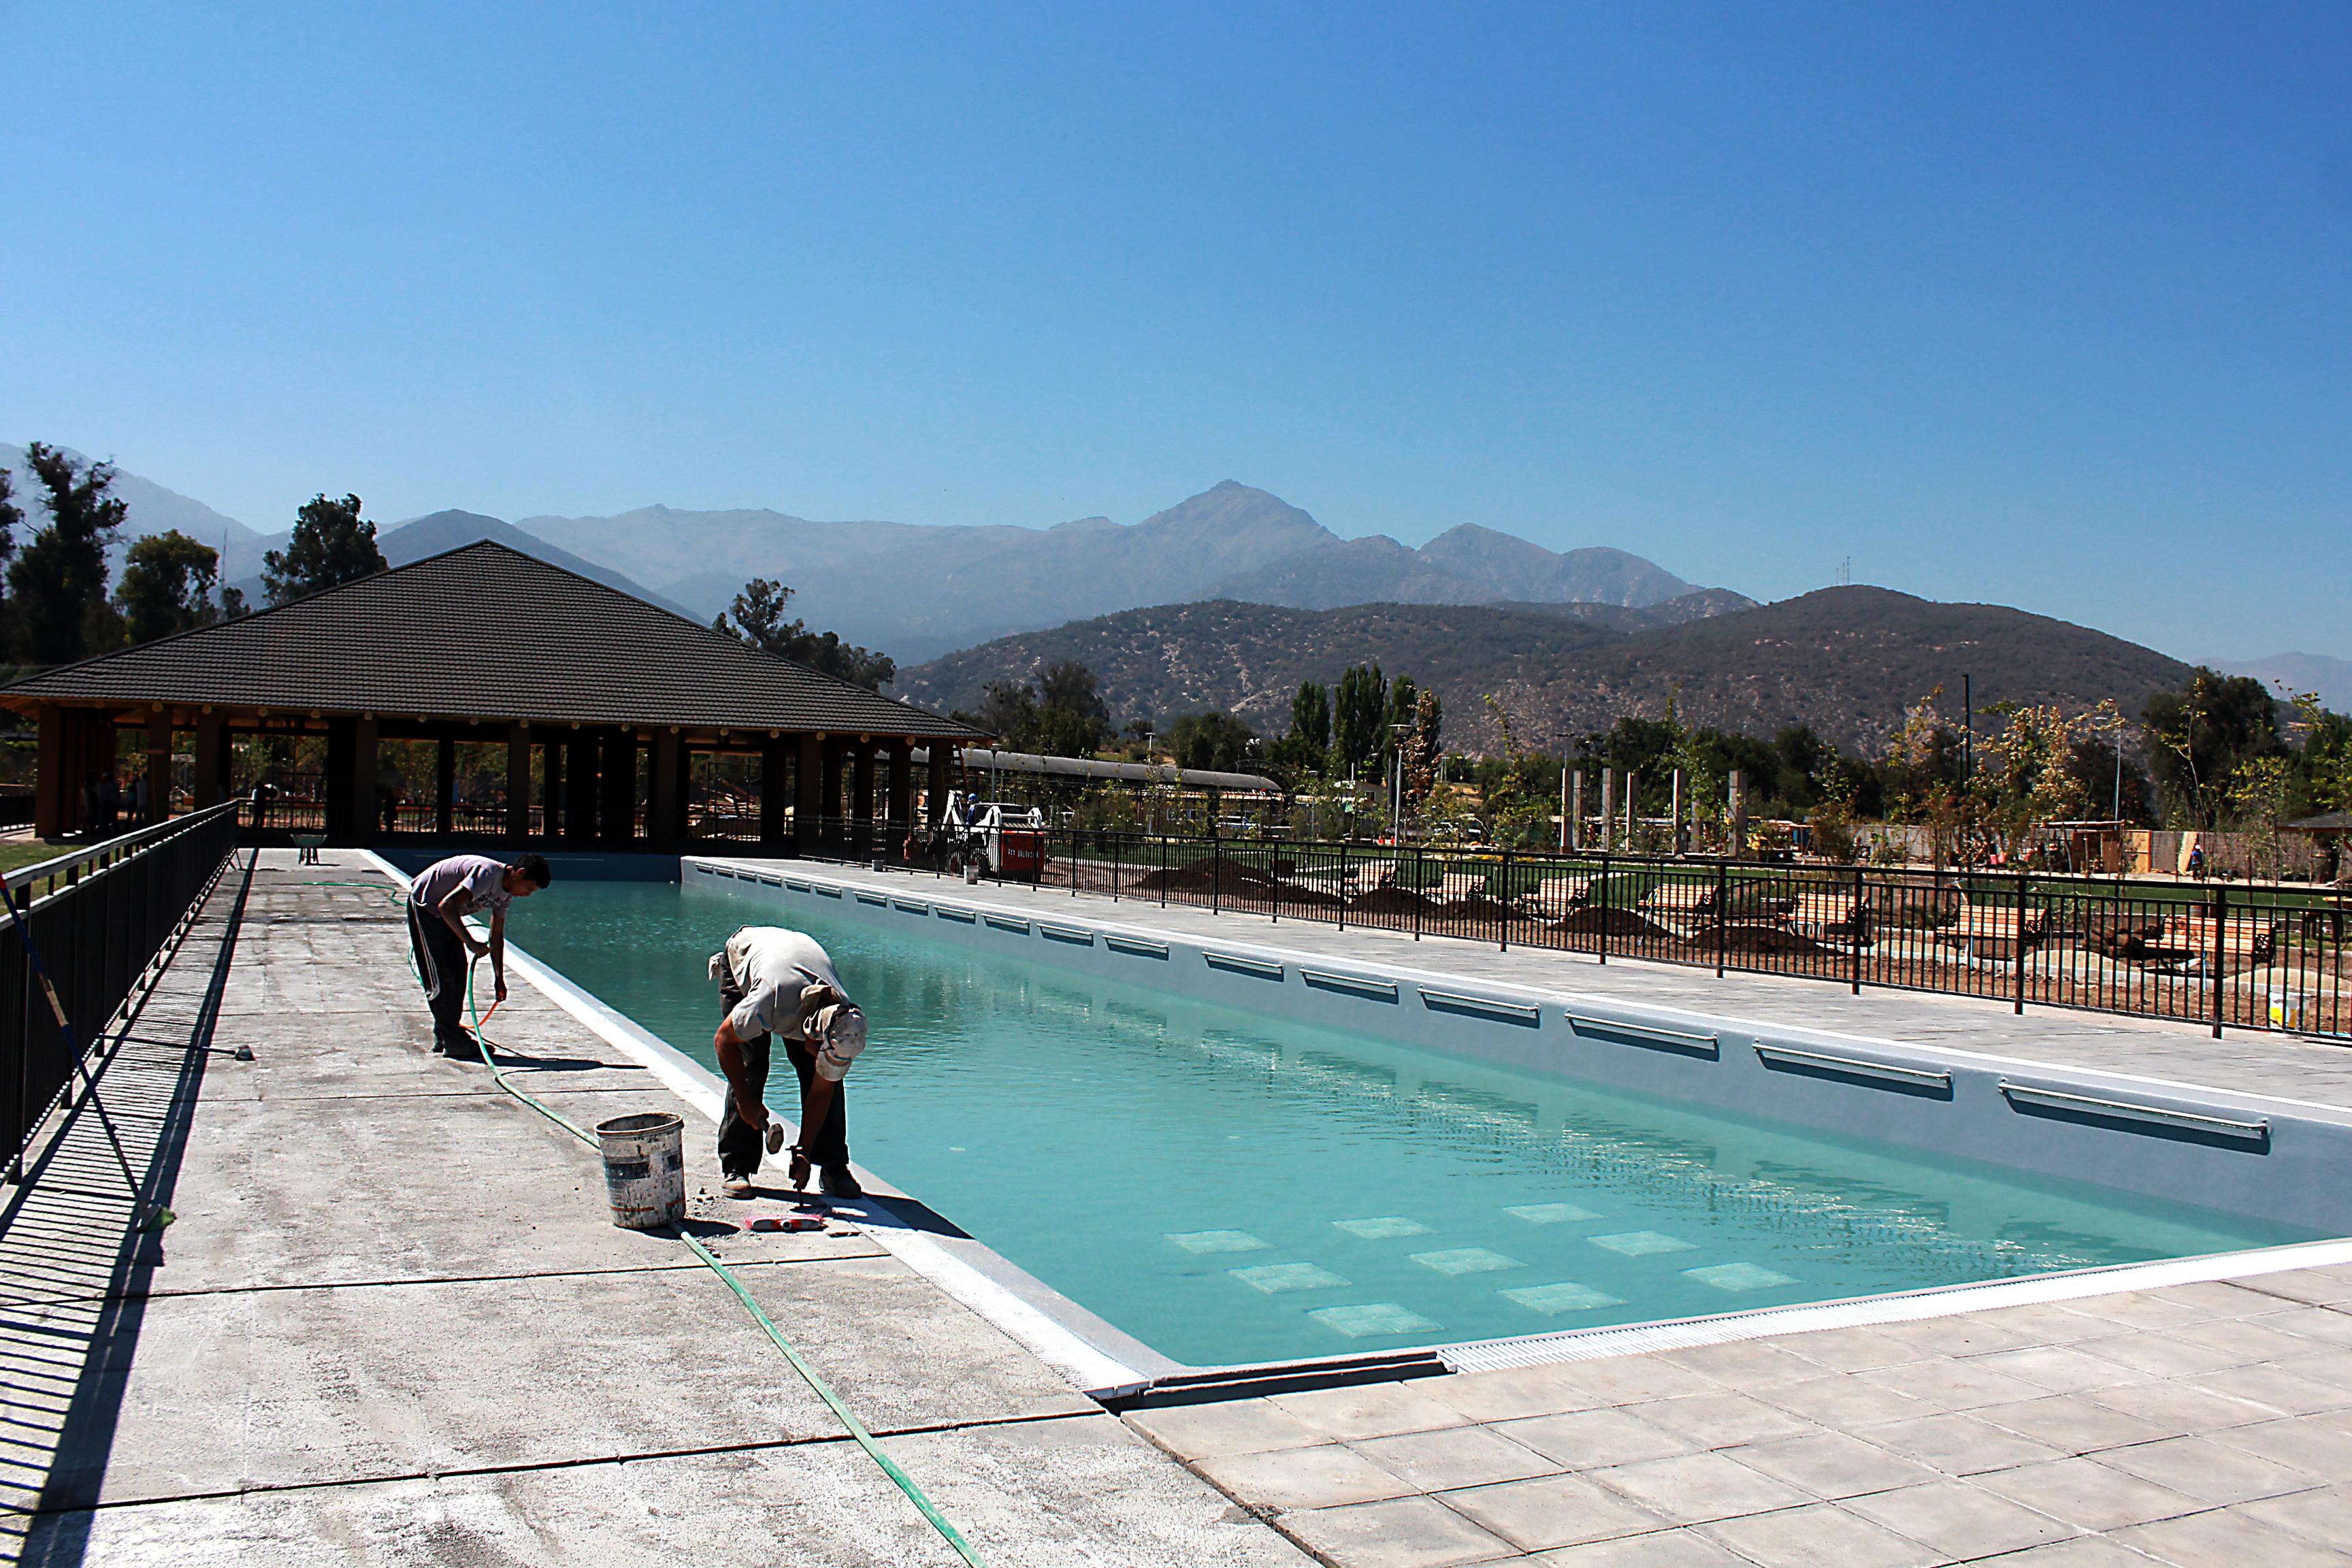 Puente alto abrir dos piscinas p blicas la pr xima semana - Piscinas en alto ...